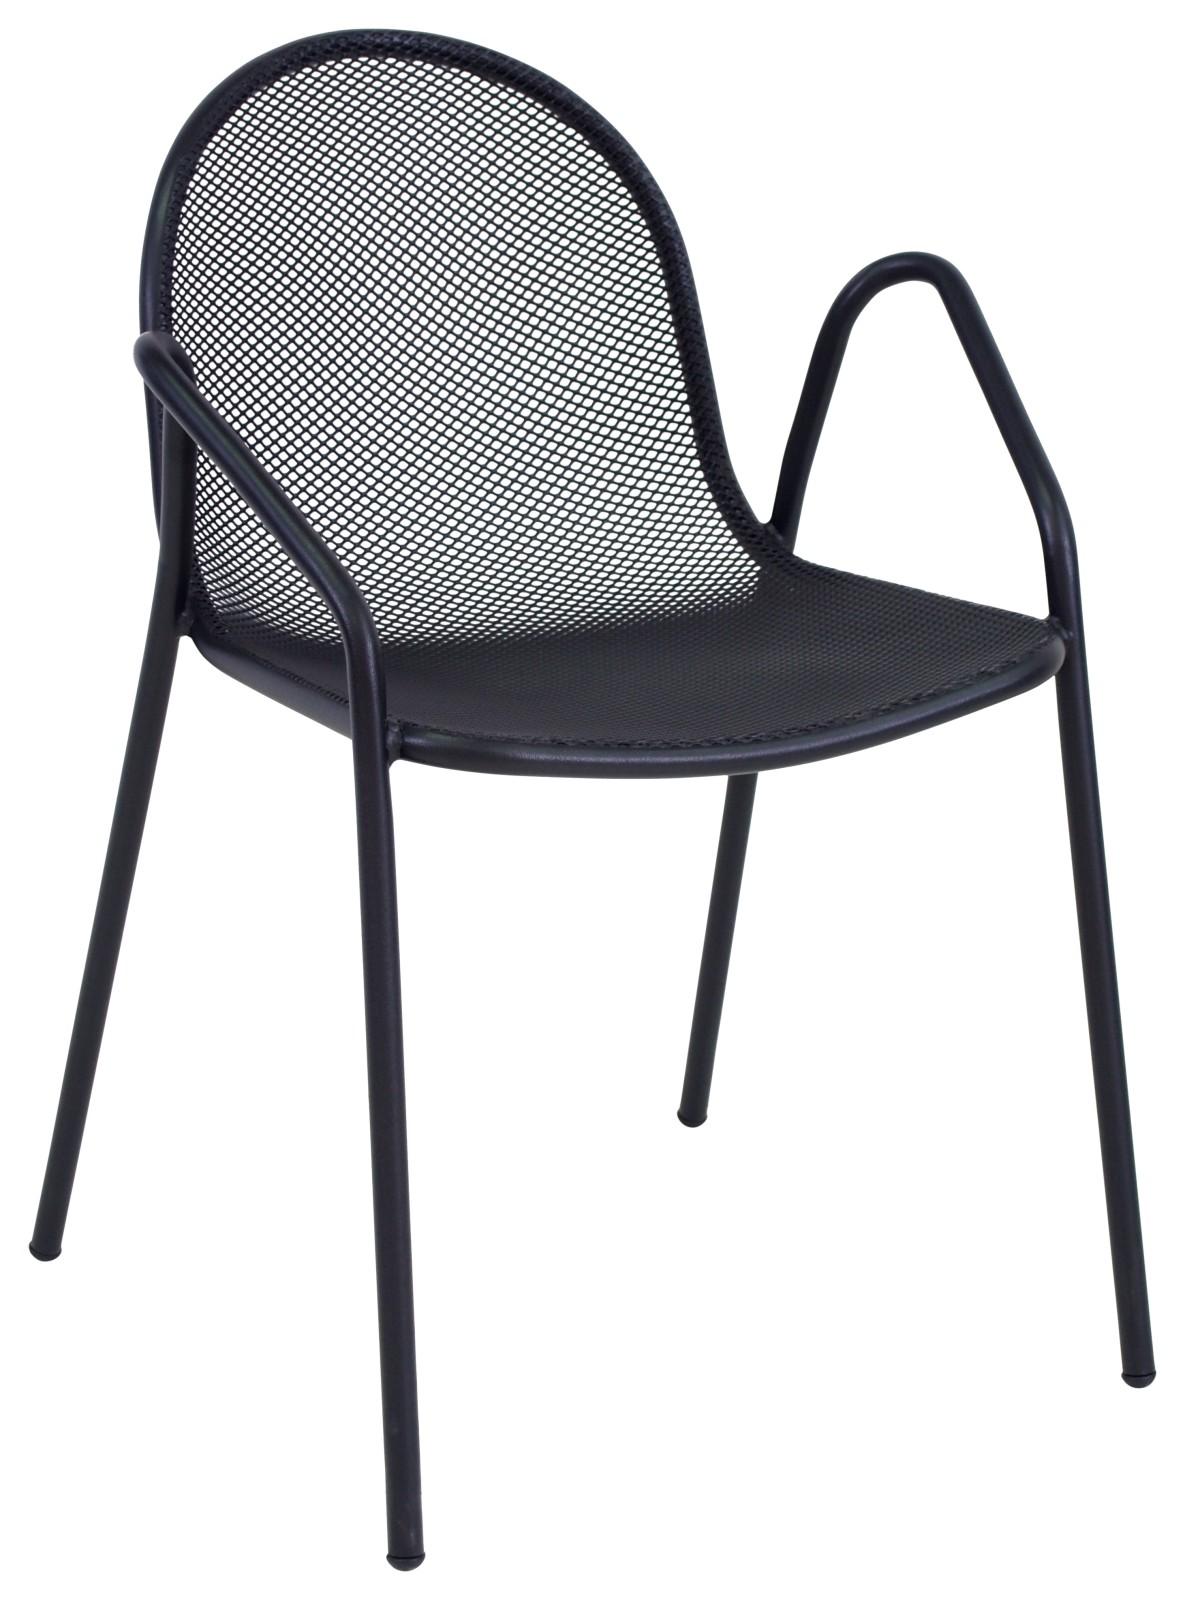 Nova Armchair - Set of 4 Black 24